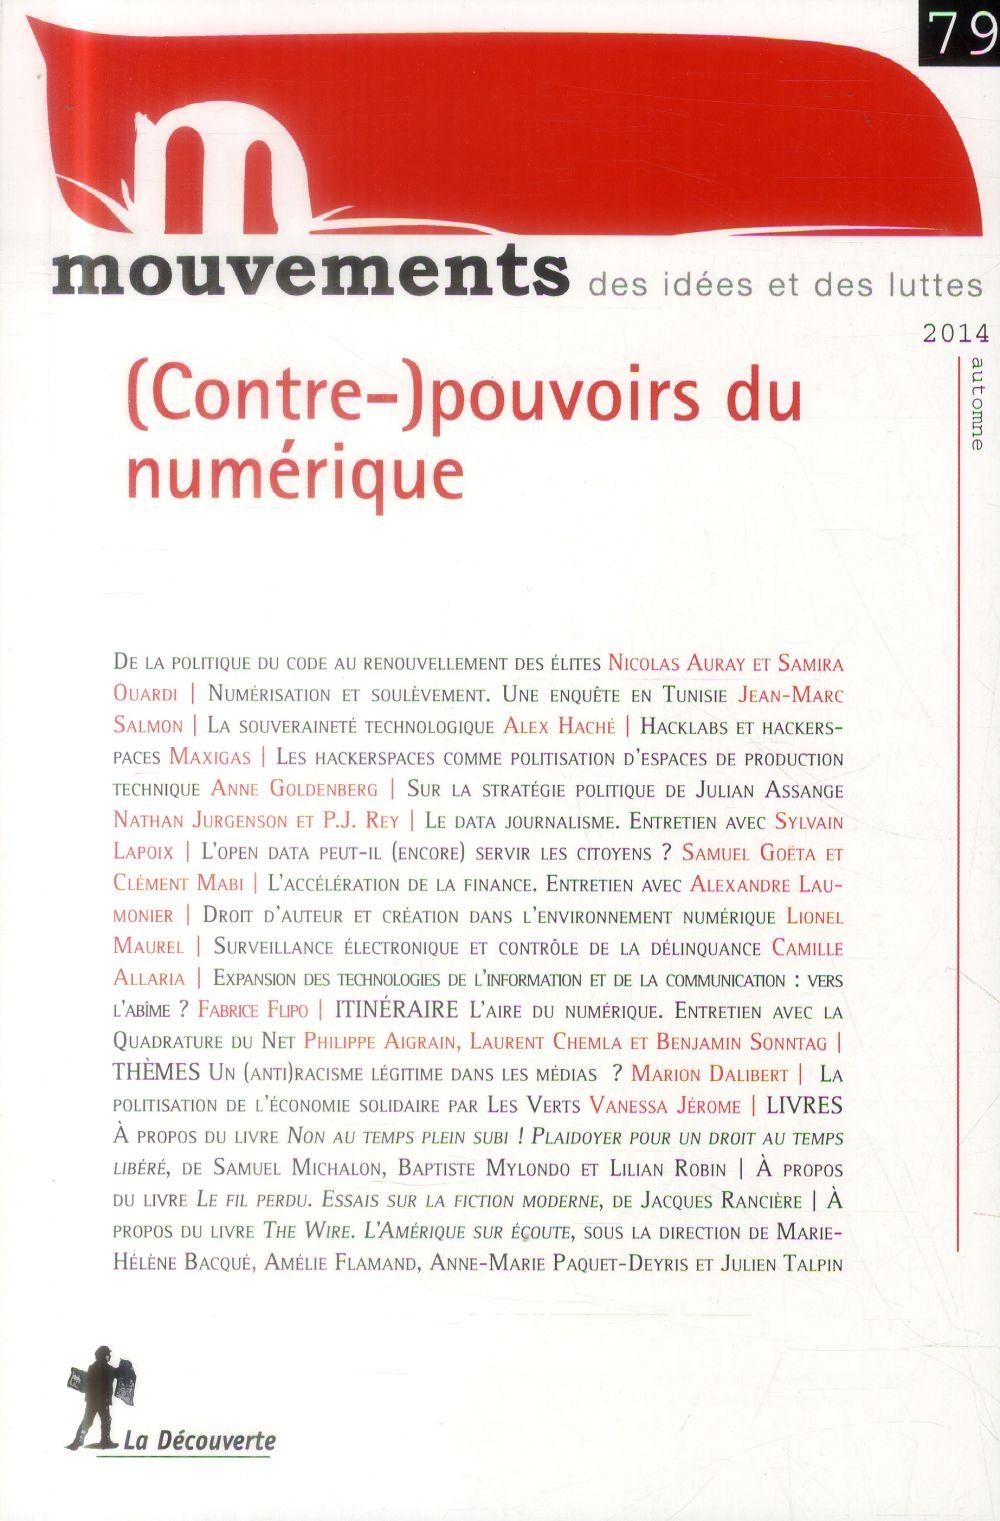 REVUE MOUVEMENTS N79 (CONTRE-)POUVOIRS DU NUMERIQUE